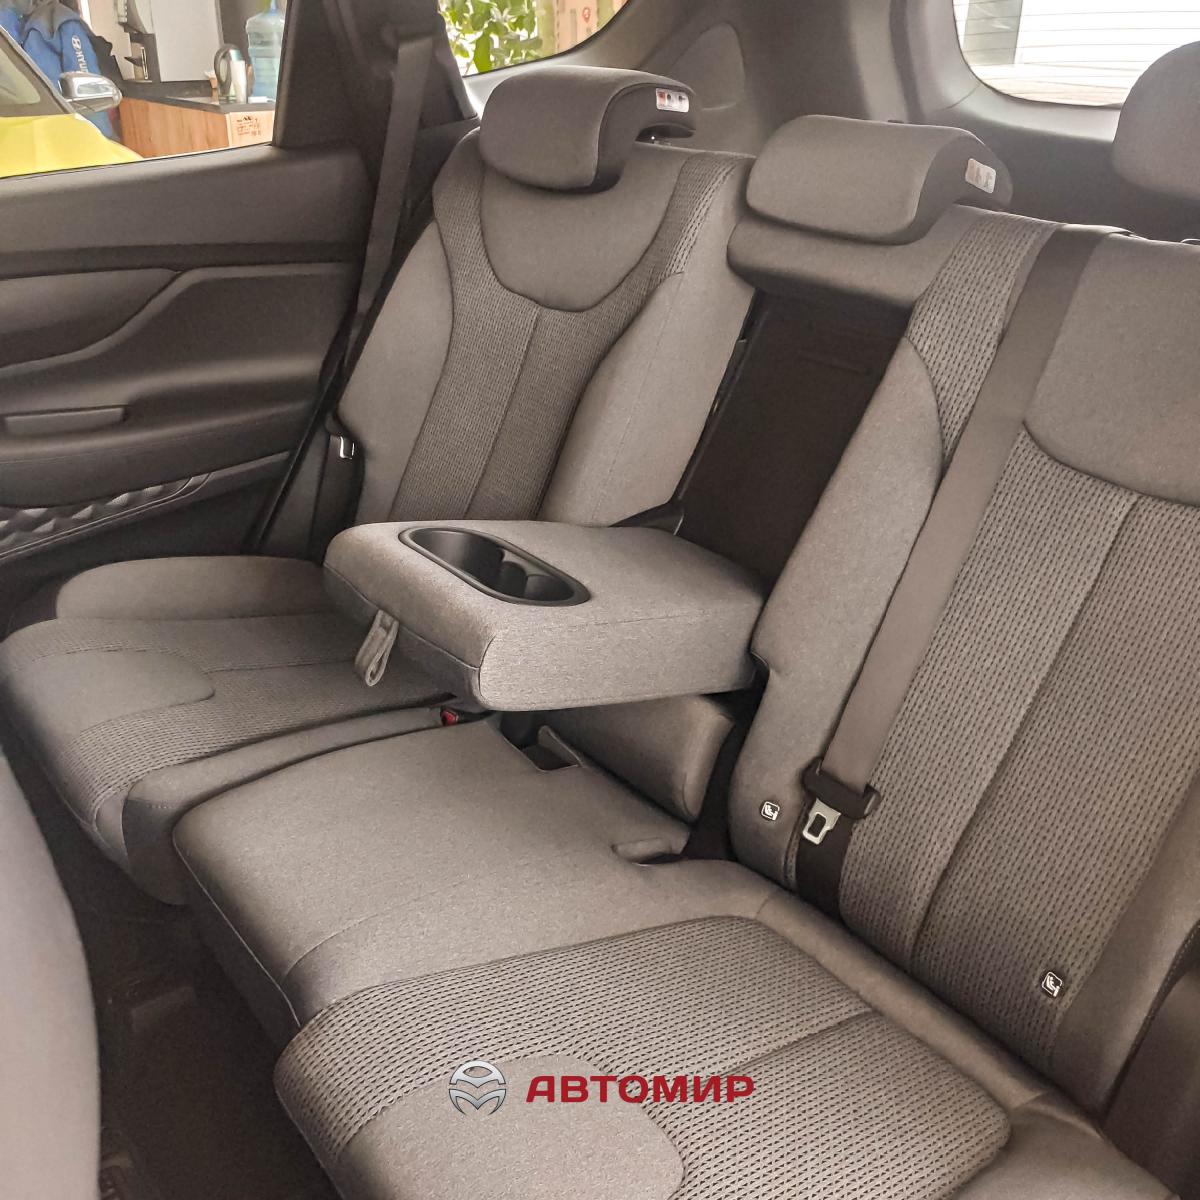 Теплі функції автомобілів Hyundai | Богдан-Авто Запорожье - фото 9